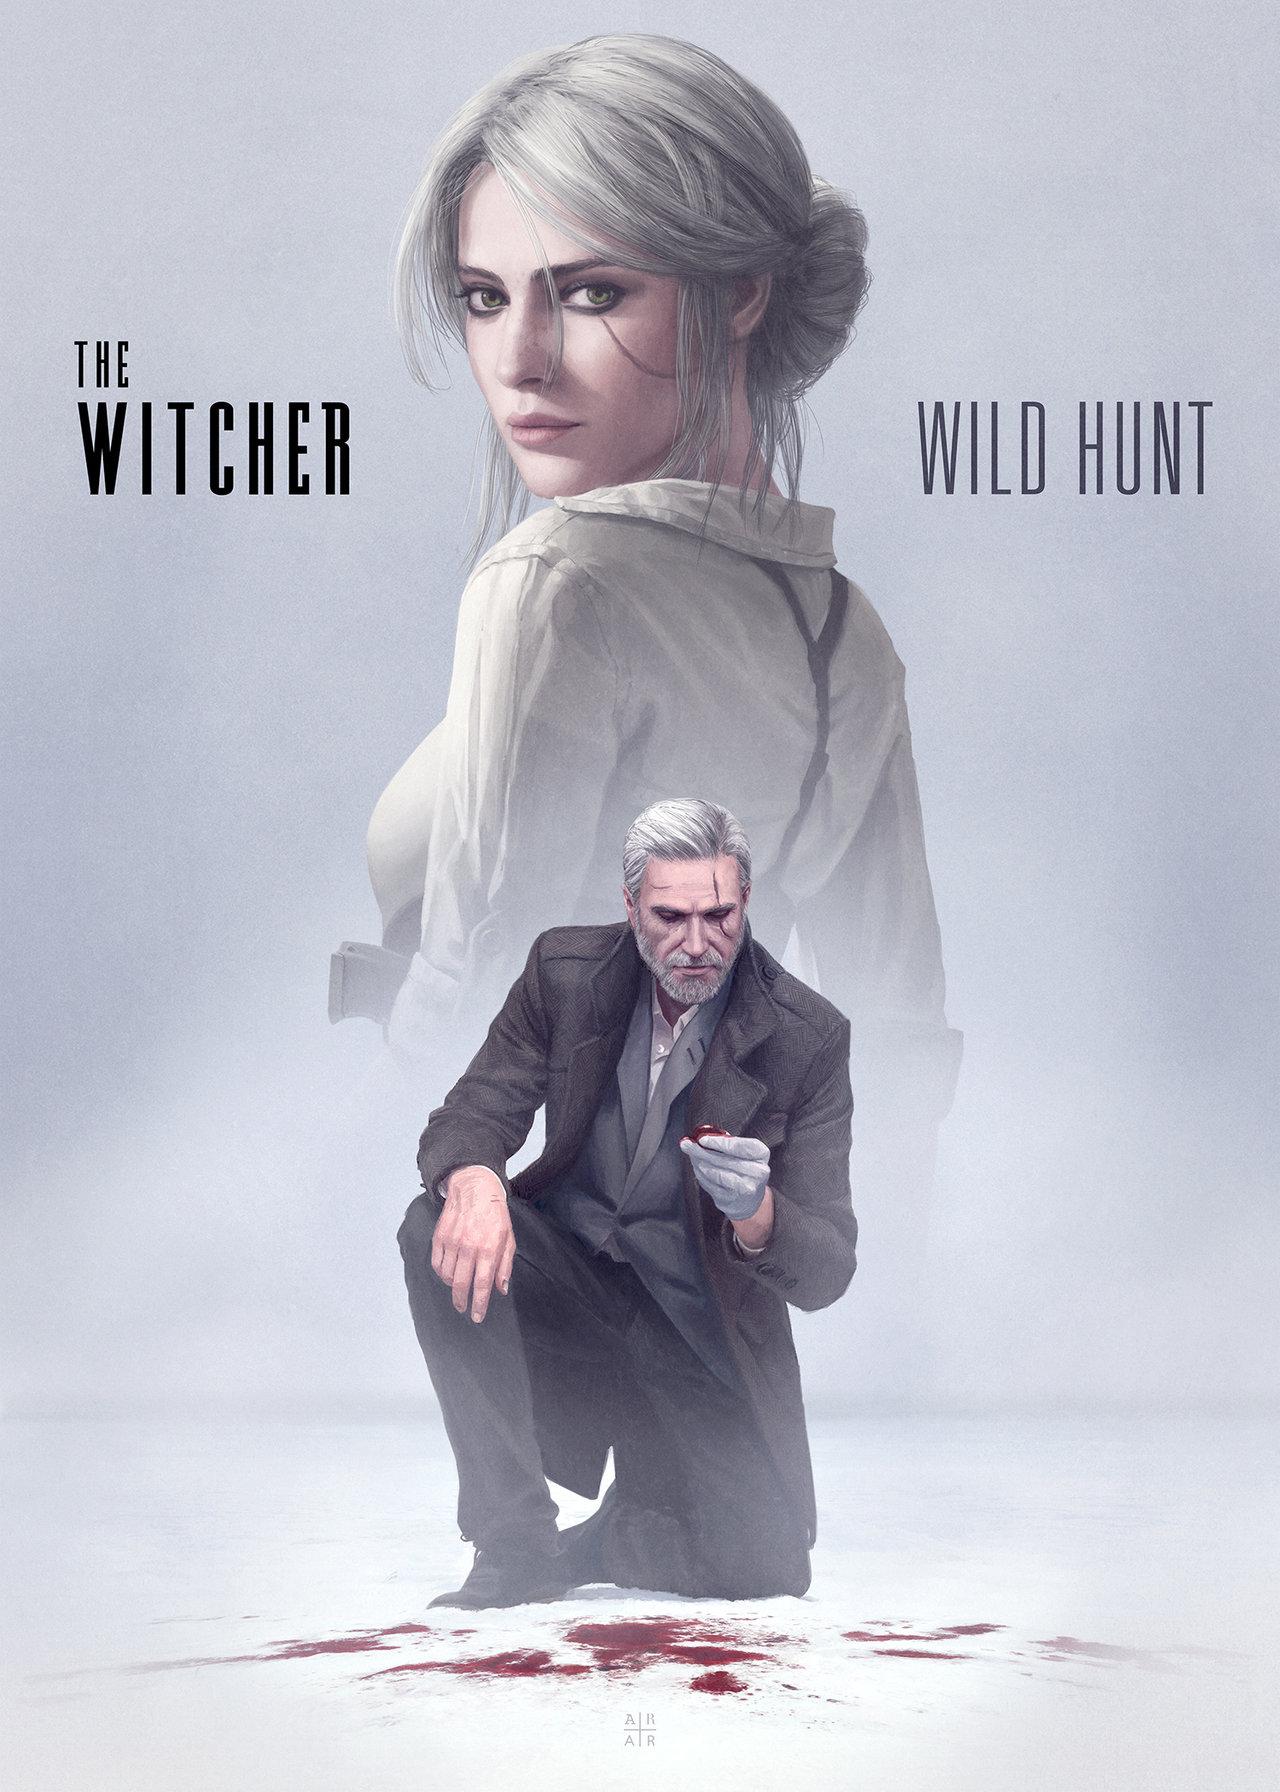 the_witcher___wild_hunt__modern__by_astoralexander-da77kyz.jpg - Witcher 3: Wild Hunt, the